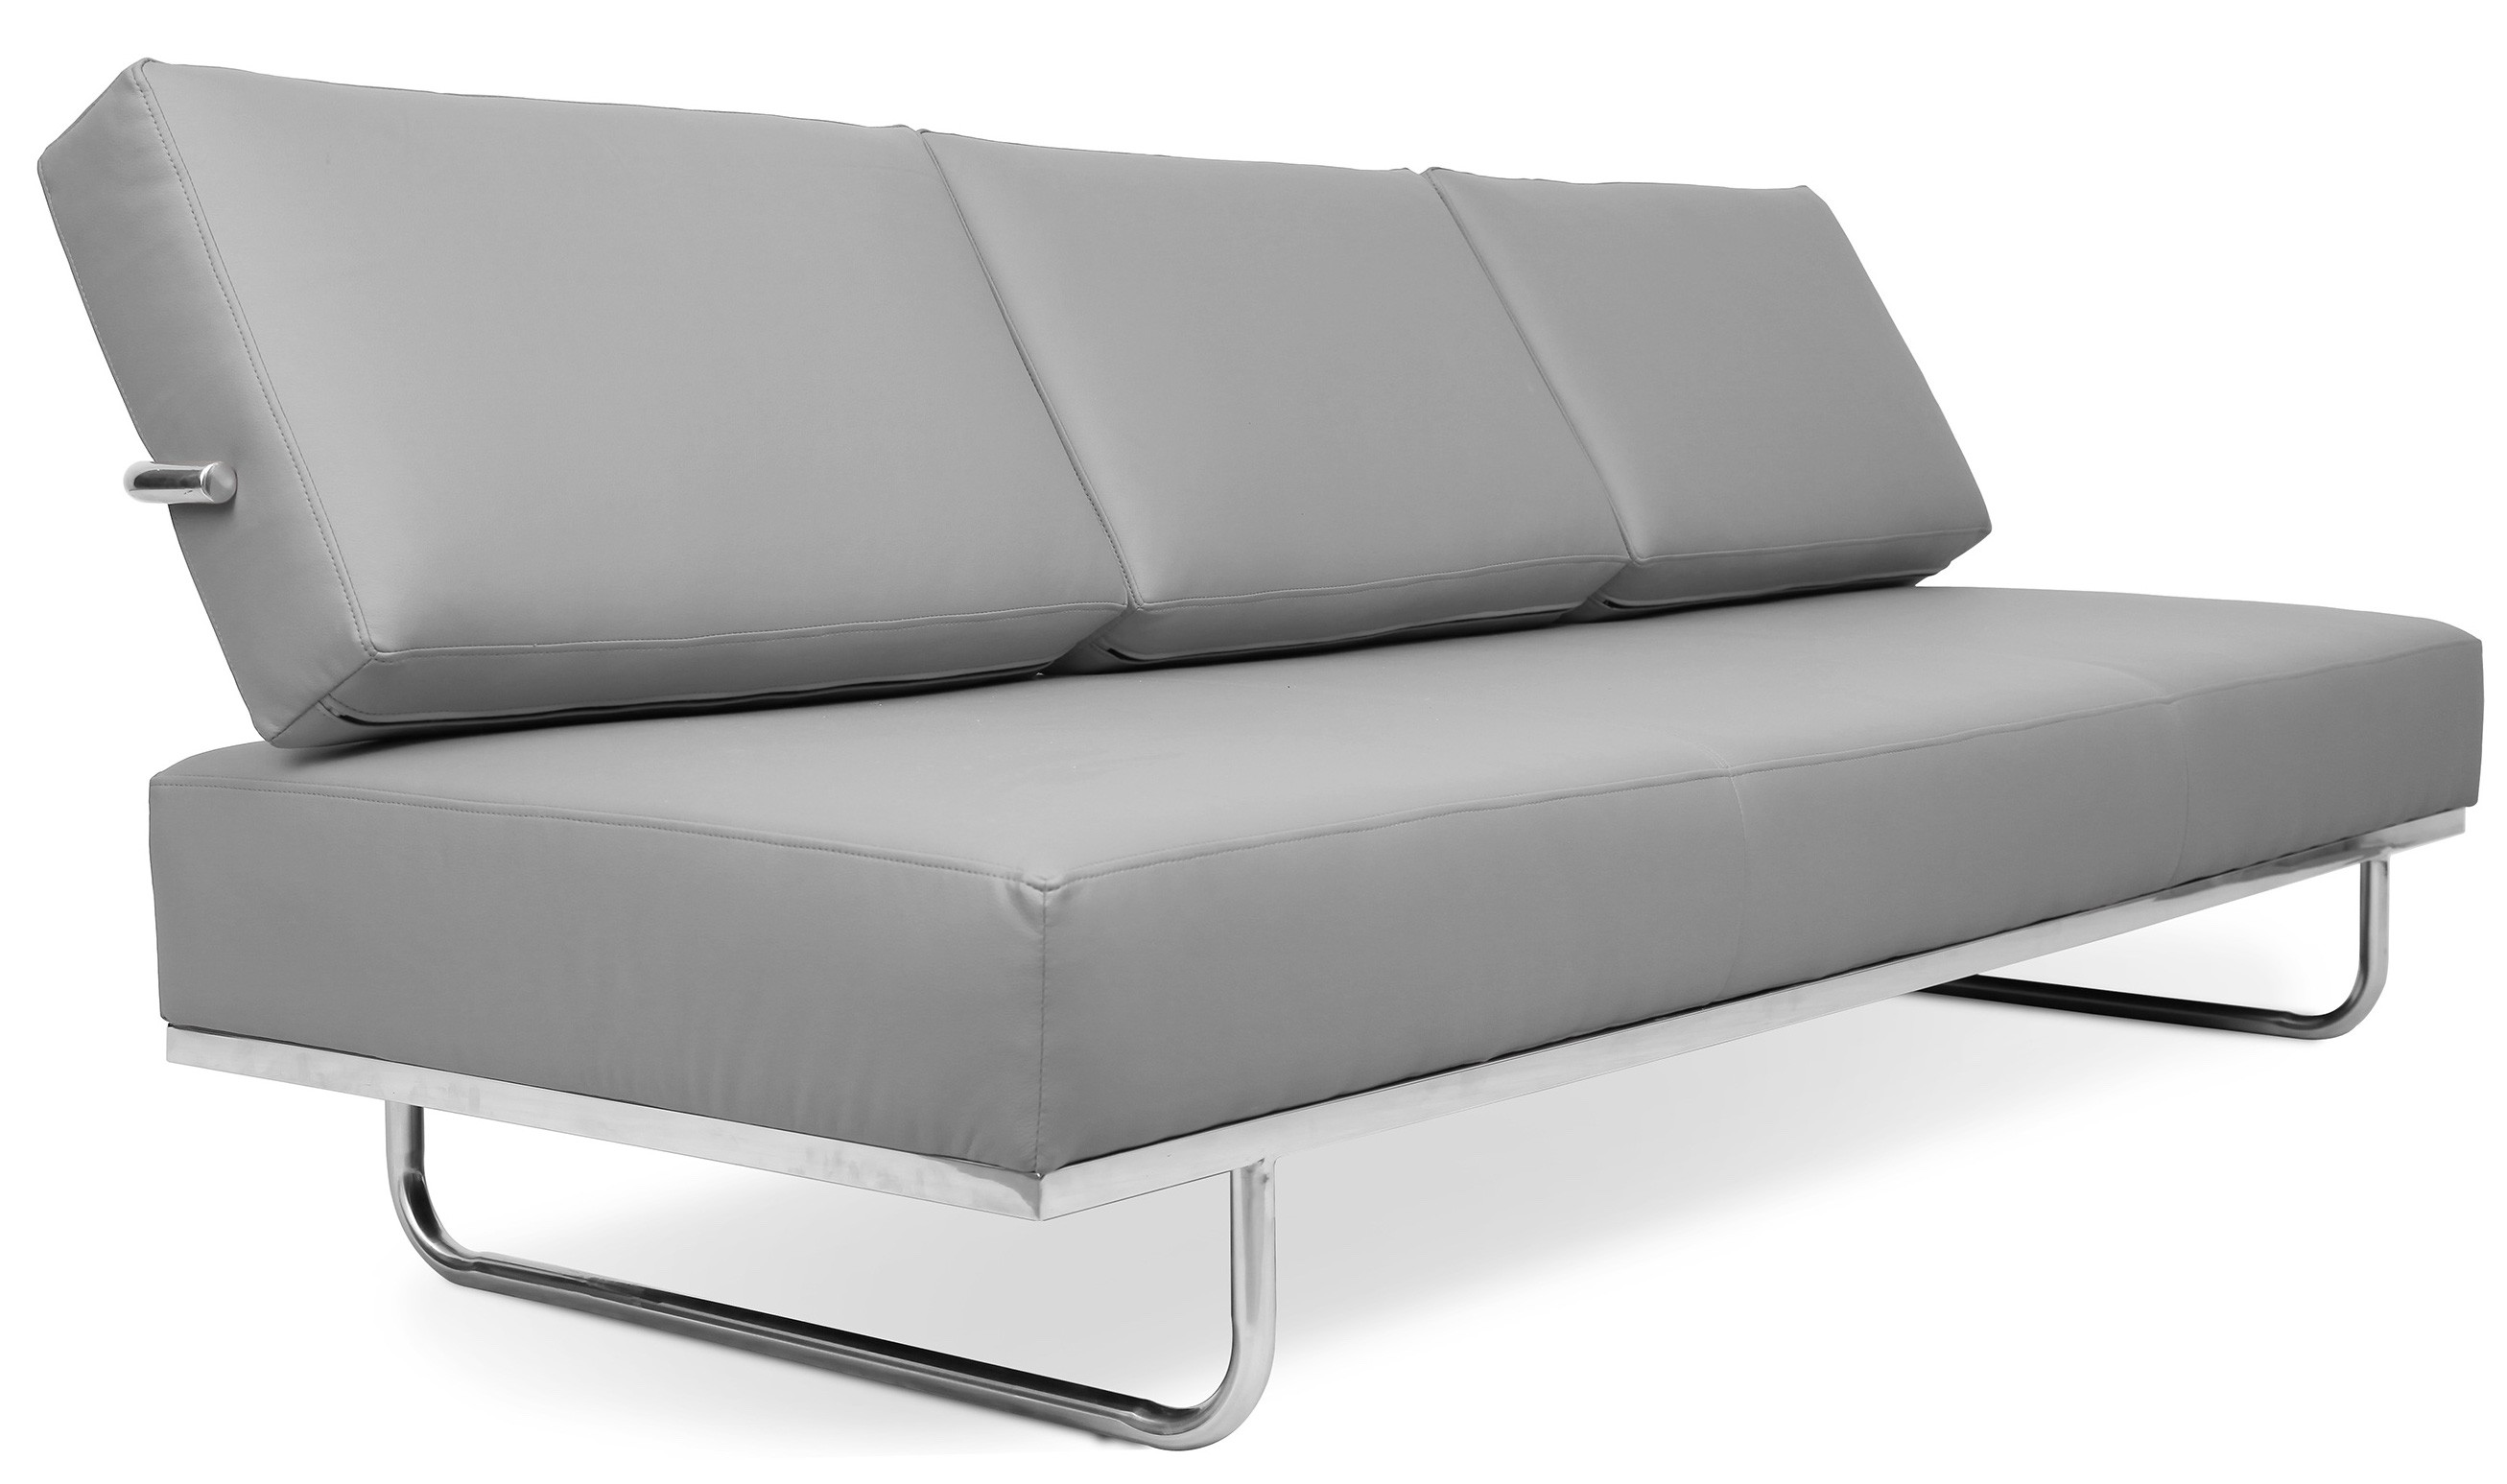 canap lit 3 places cuir gris carter. Black Bedroom Furniture Sets. Home Design Ideas